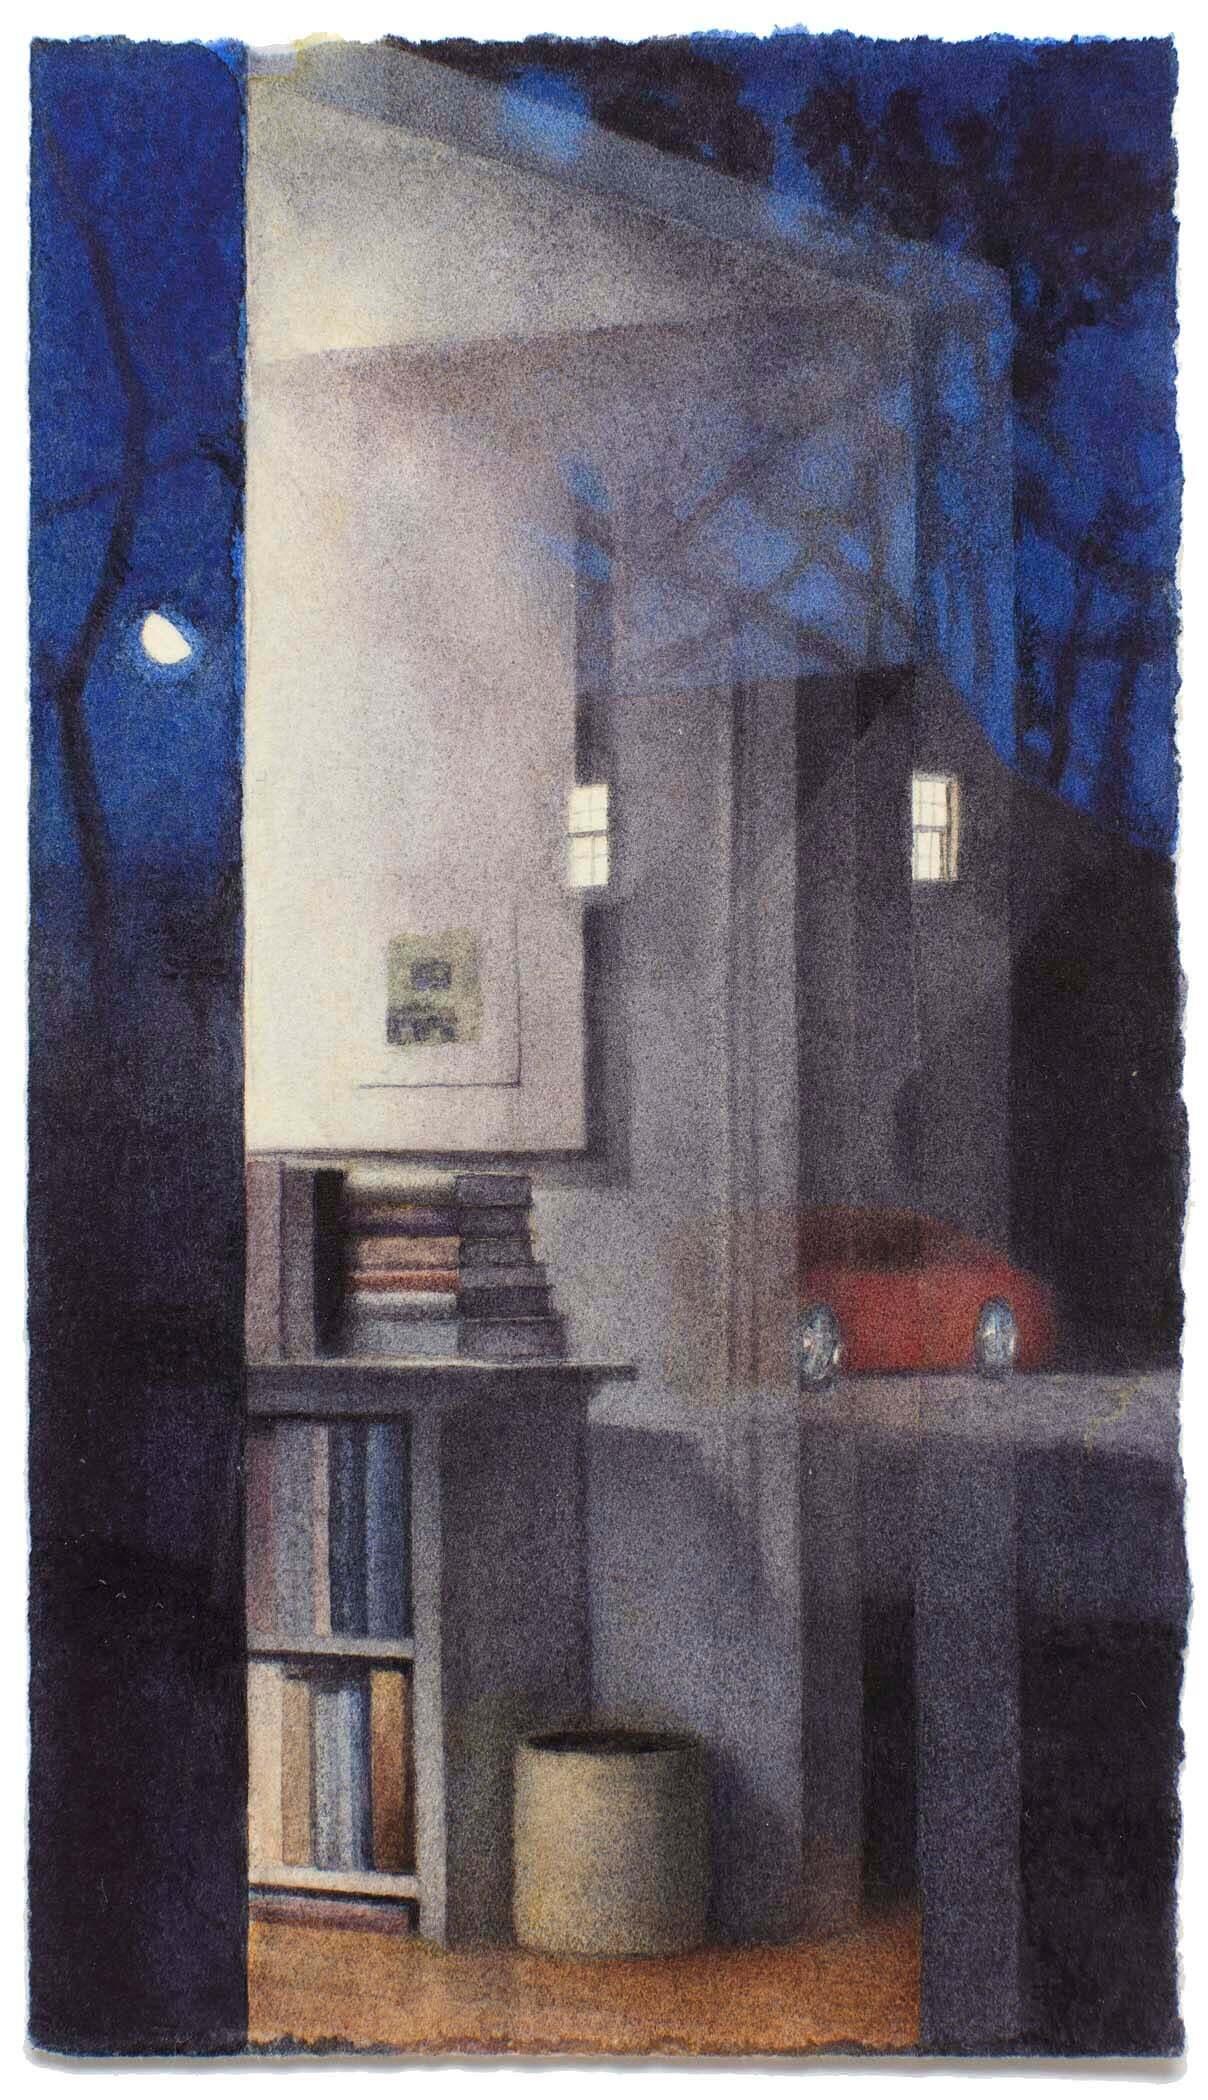 Reflection with Gibbous Moon II image